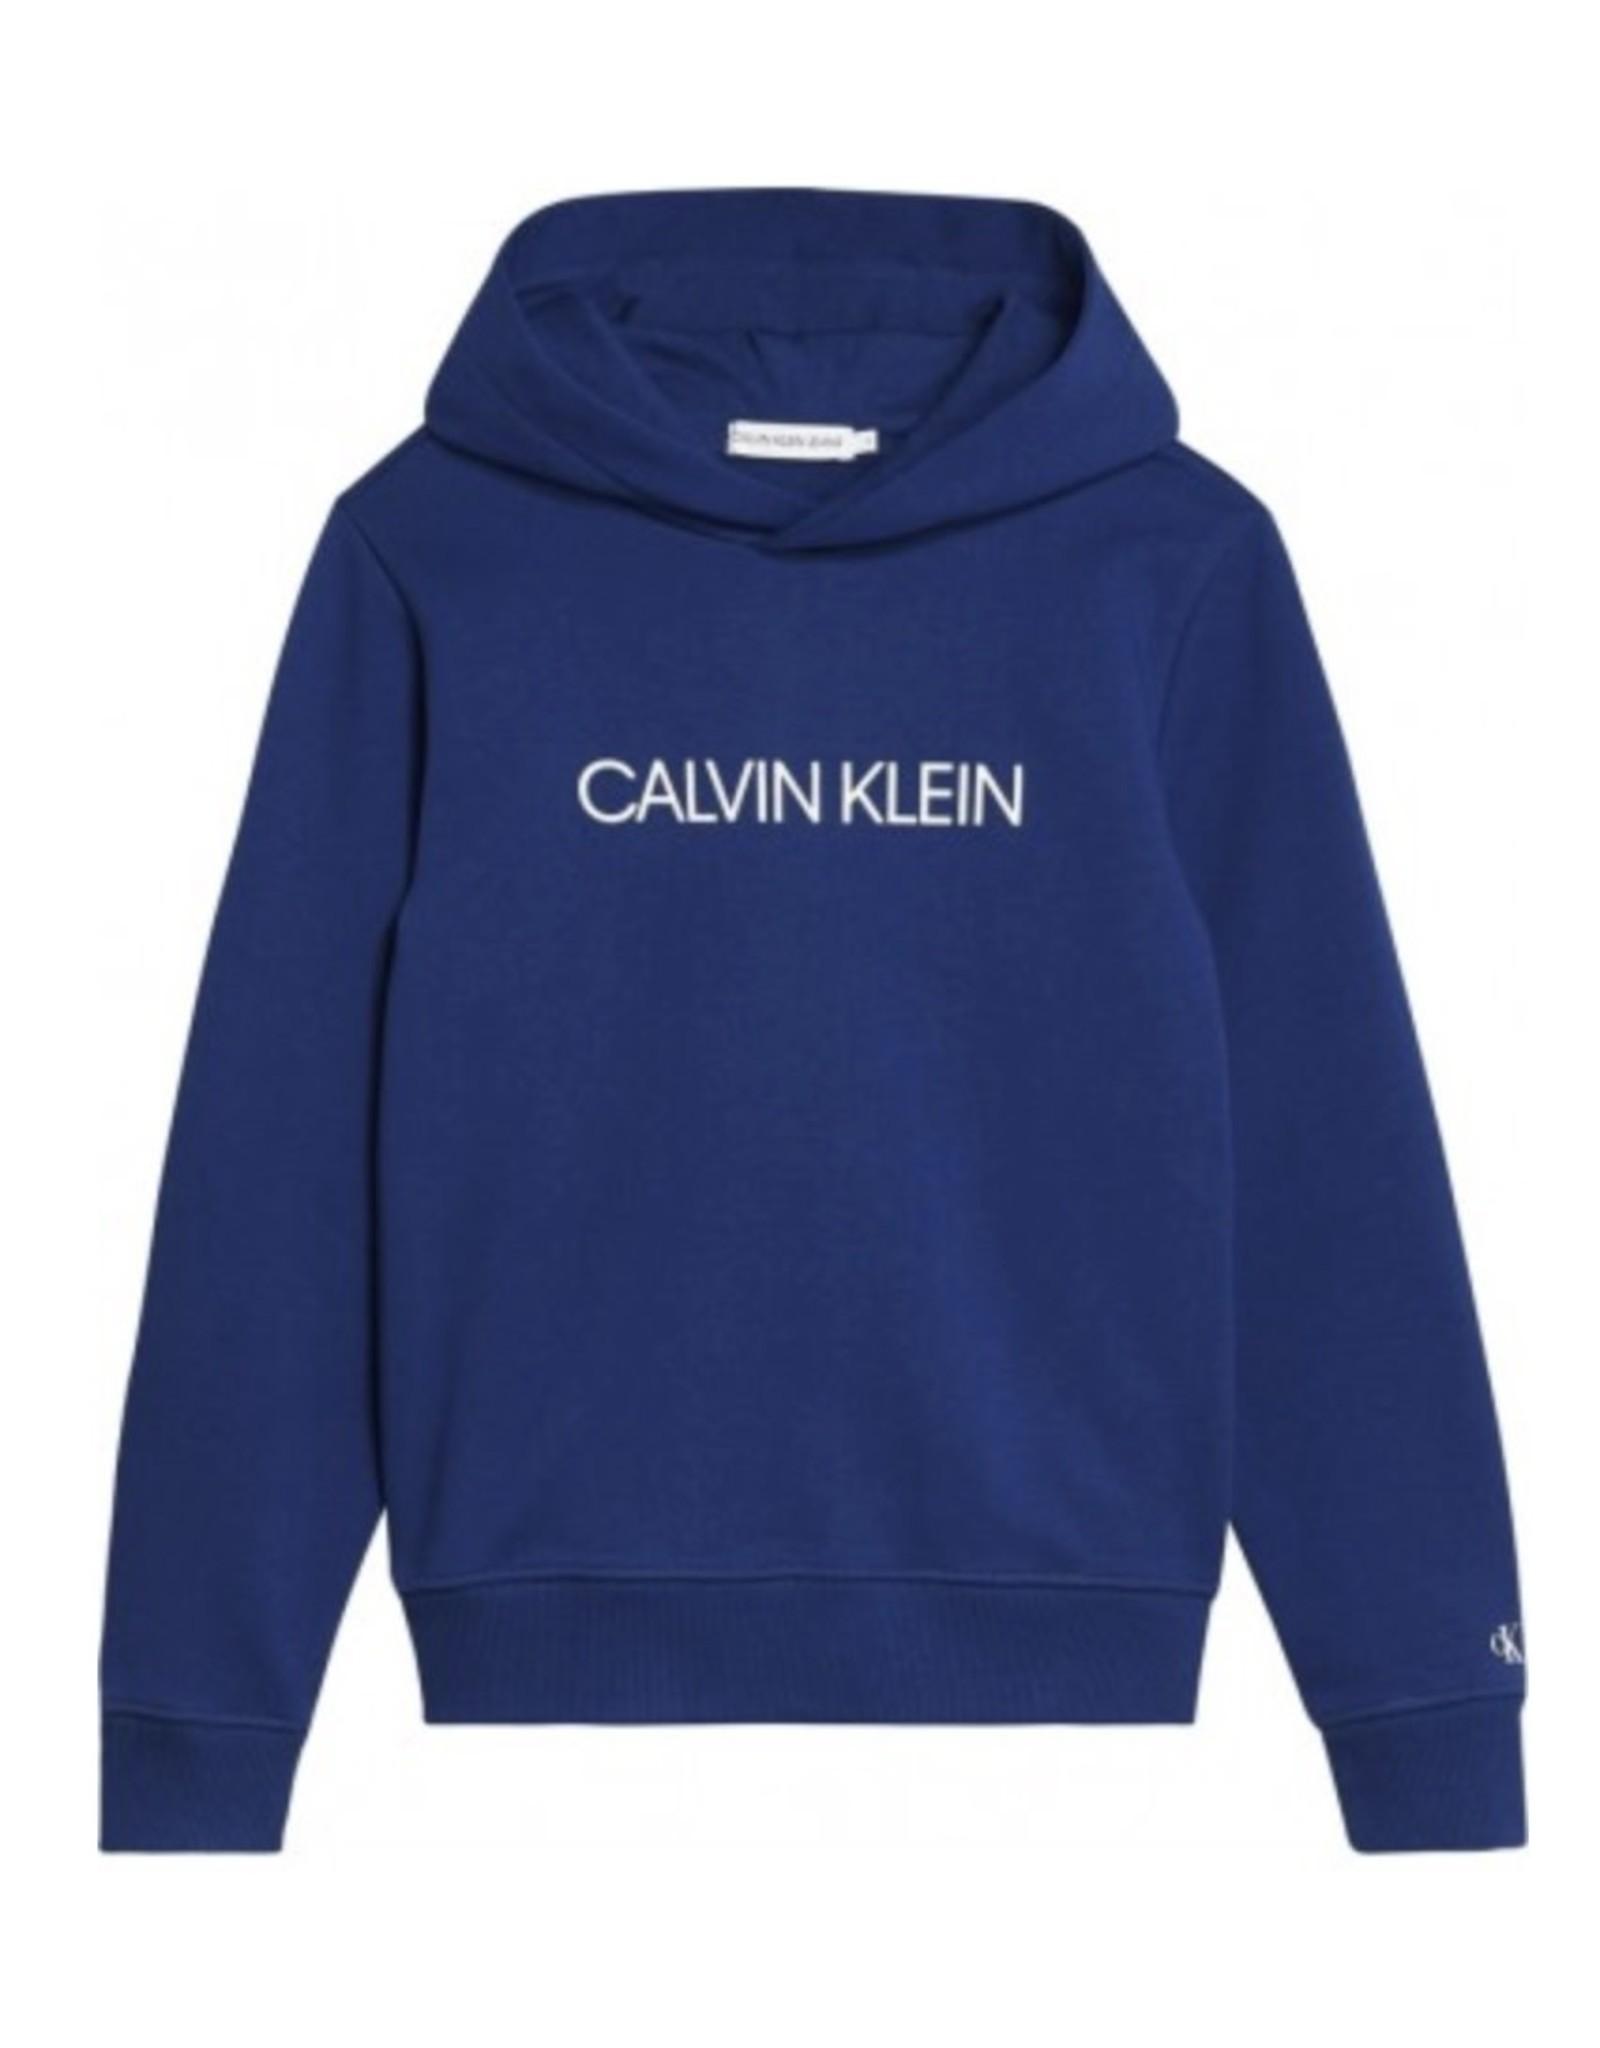 Calvin Klein 00163 Sweater